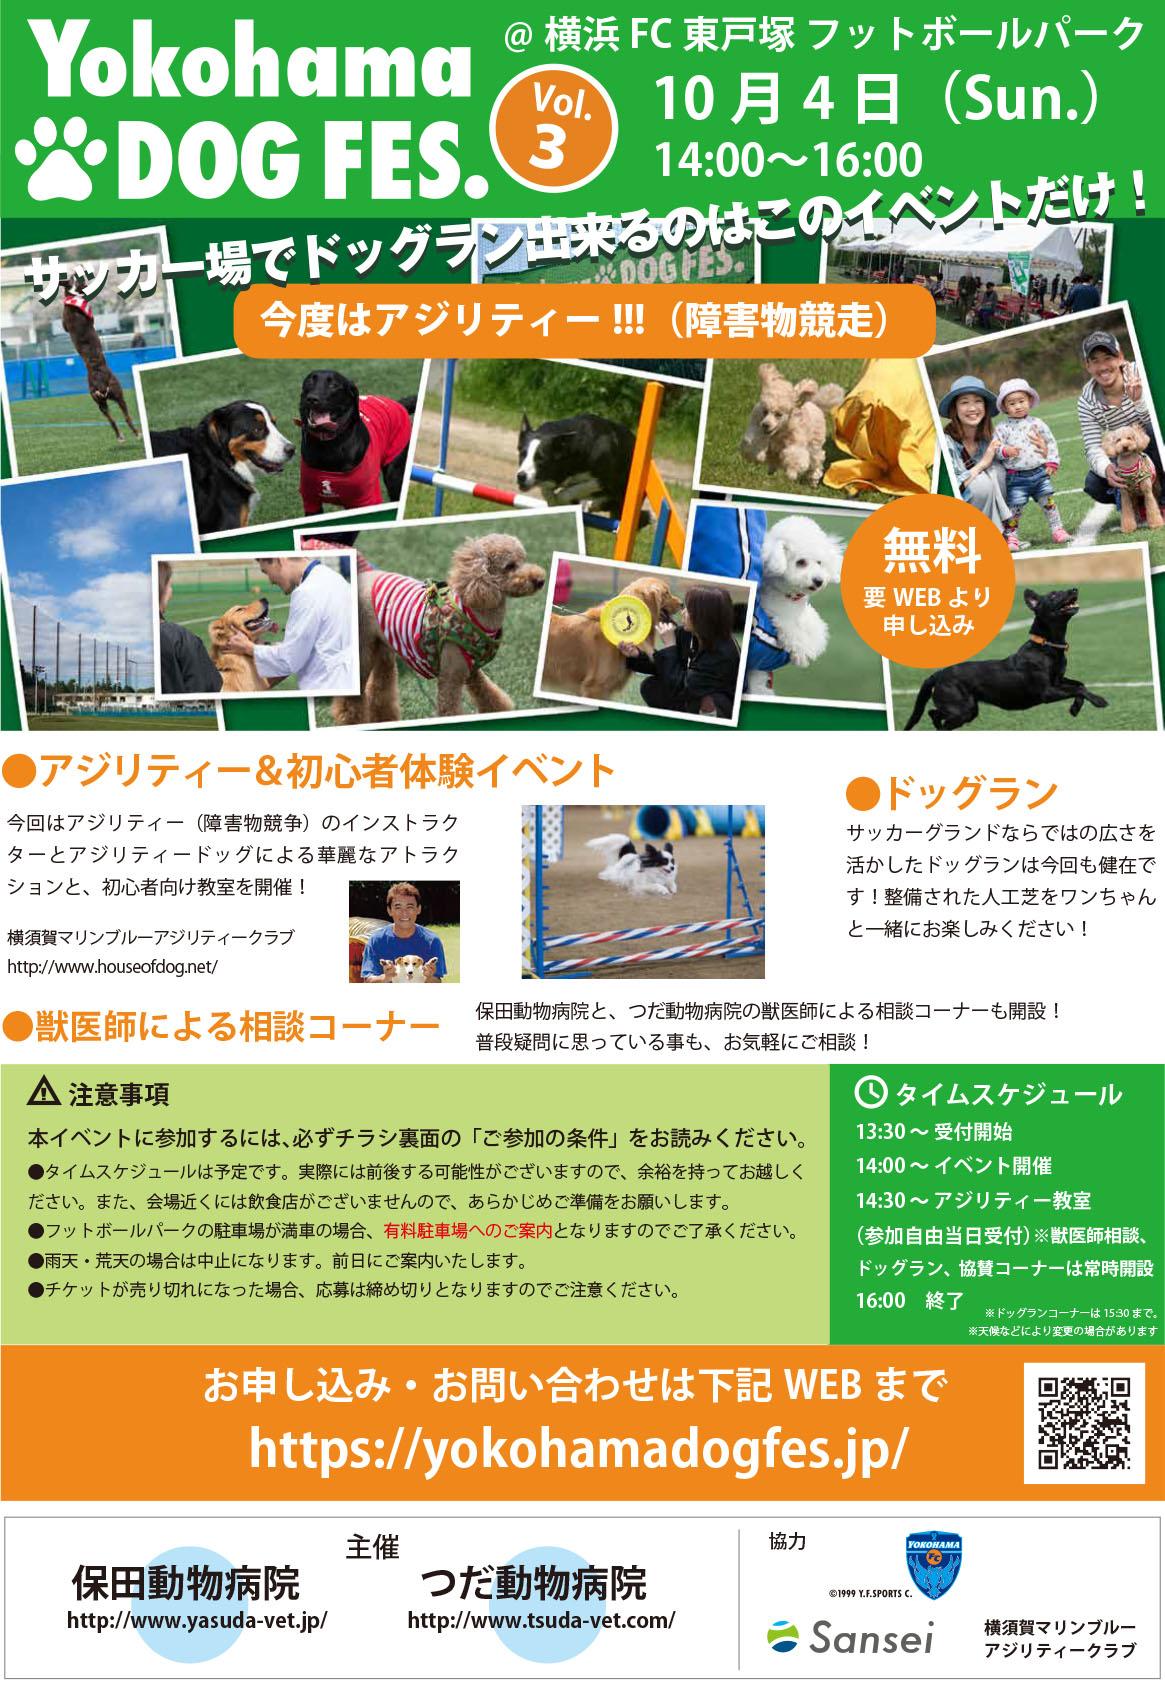 横浜ドッグフェス3